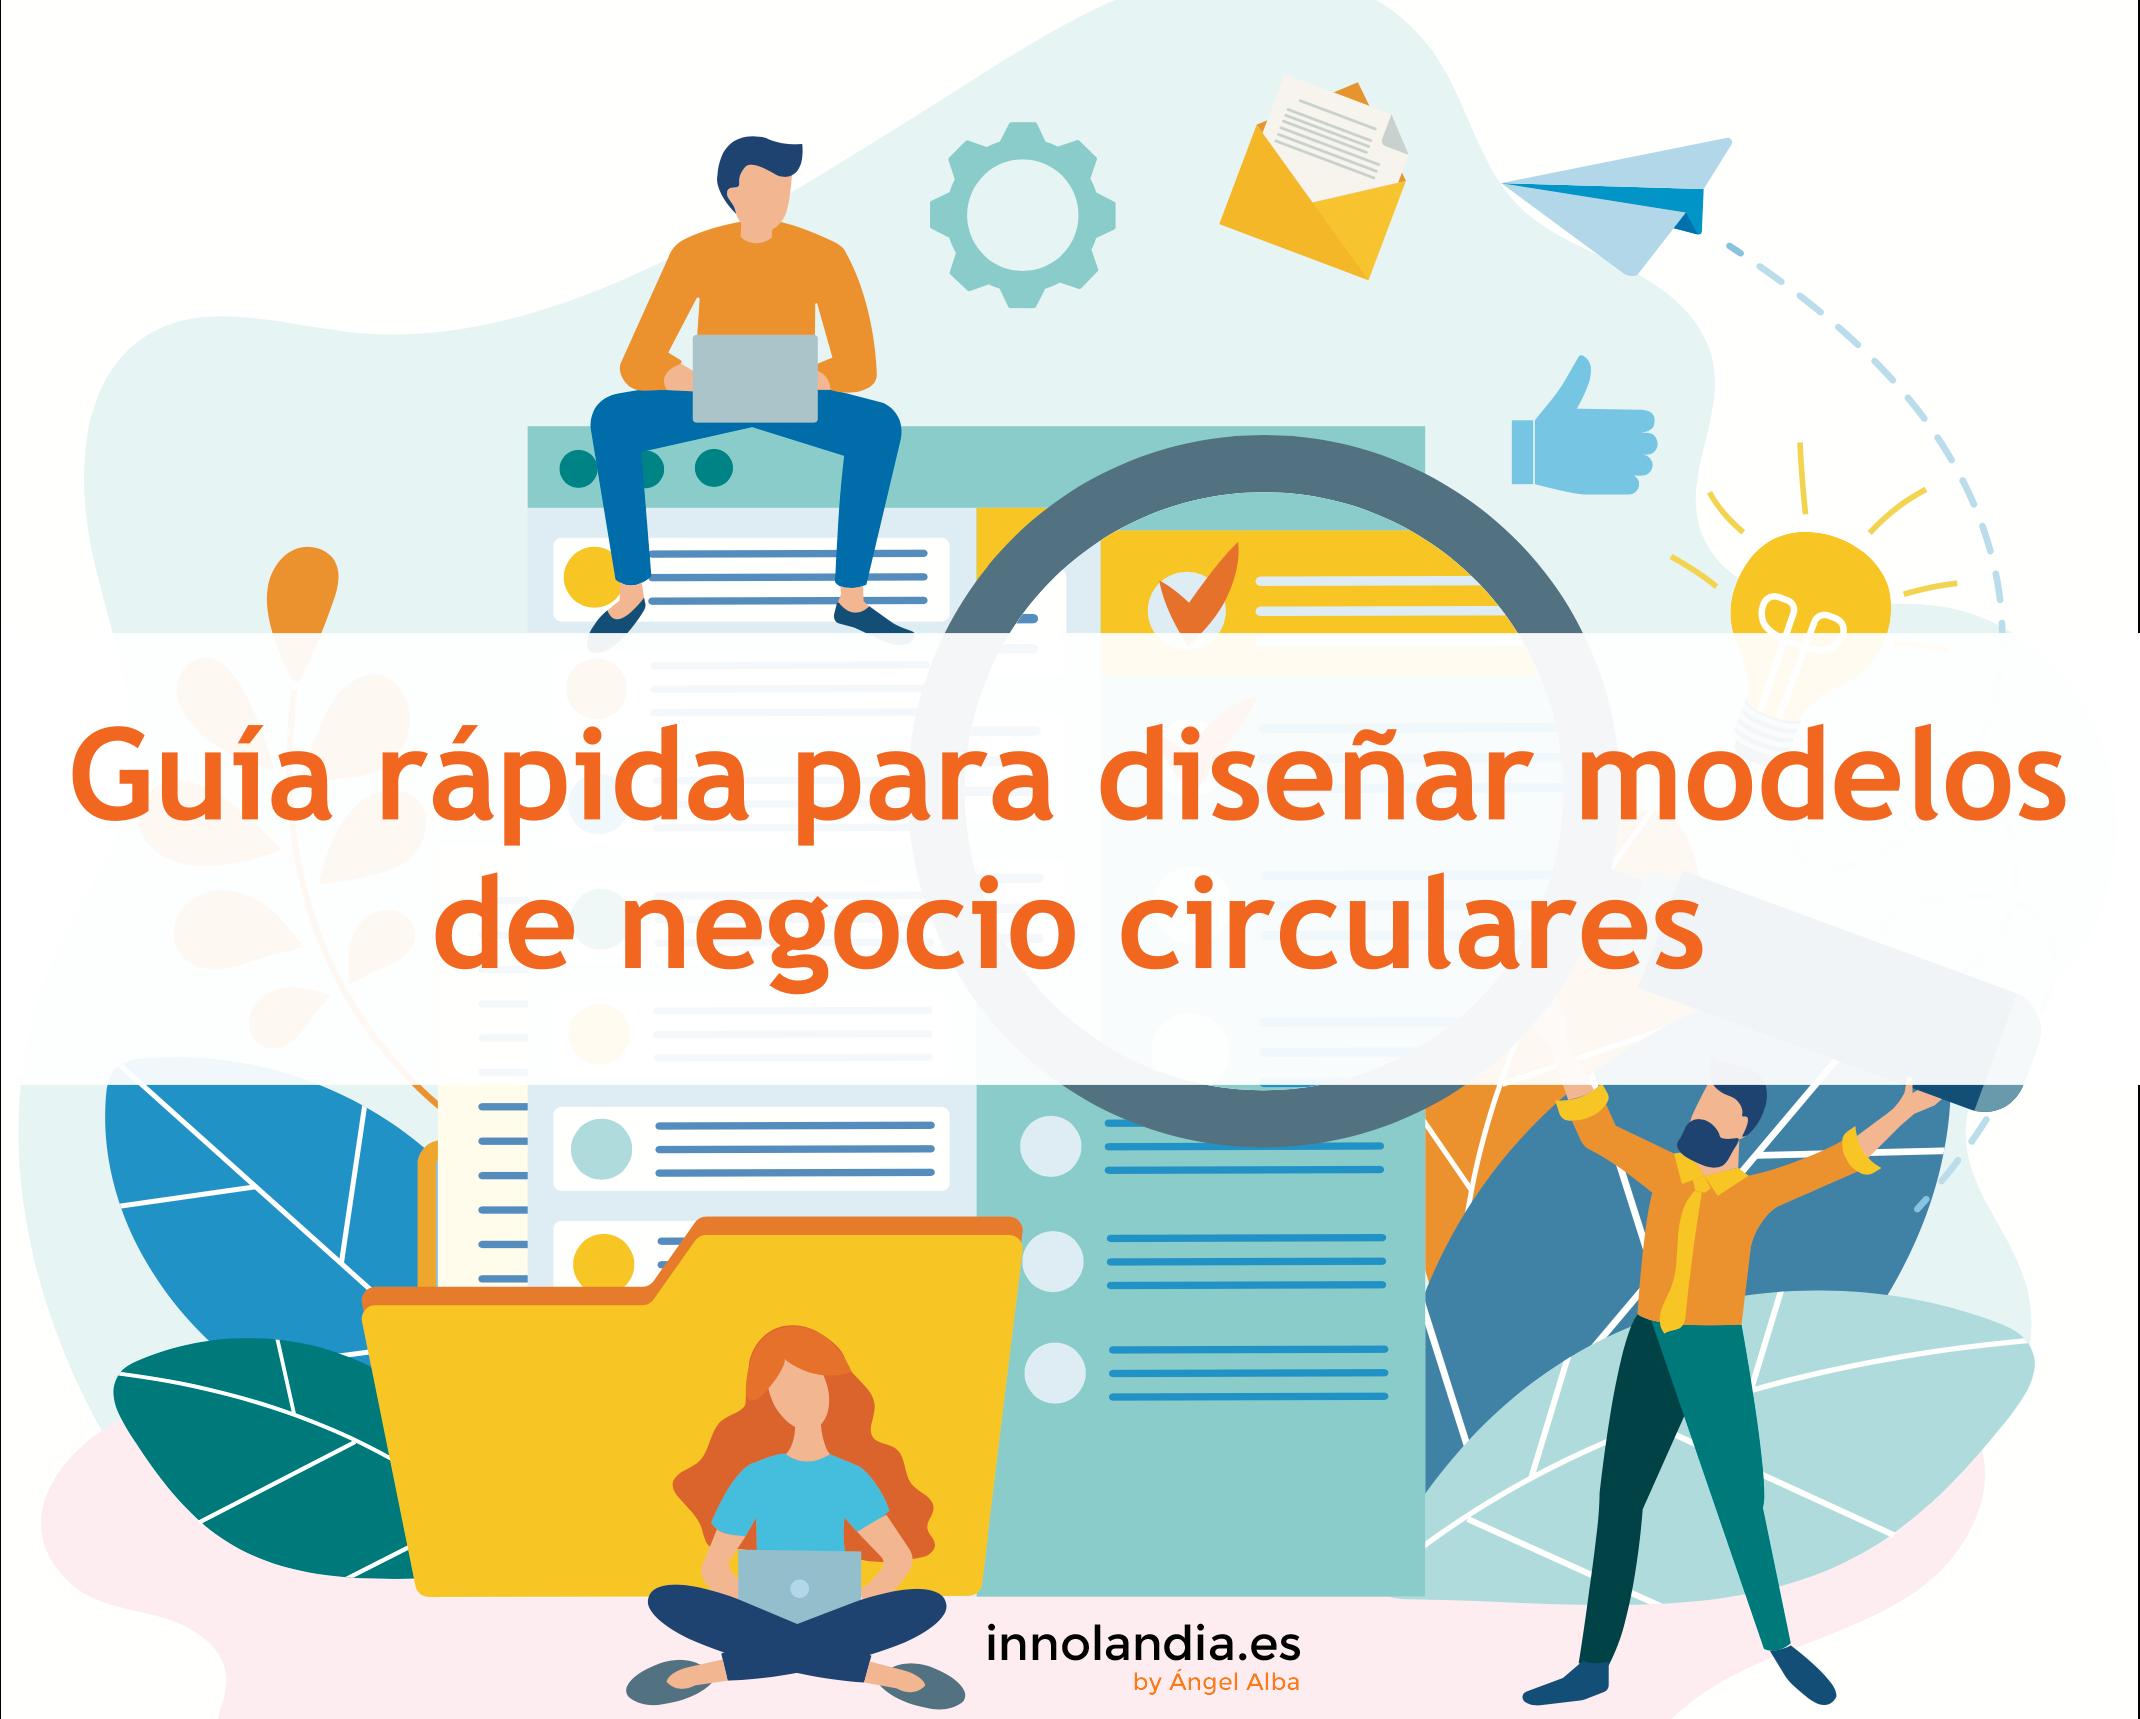 Guía rápida para diseñar modelos de negocio circulares.